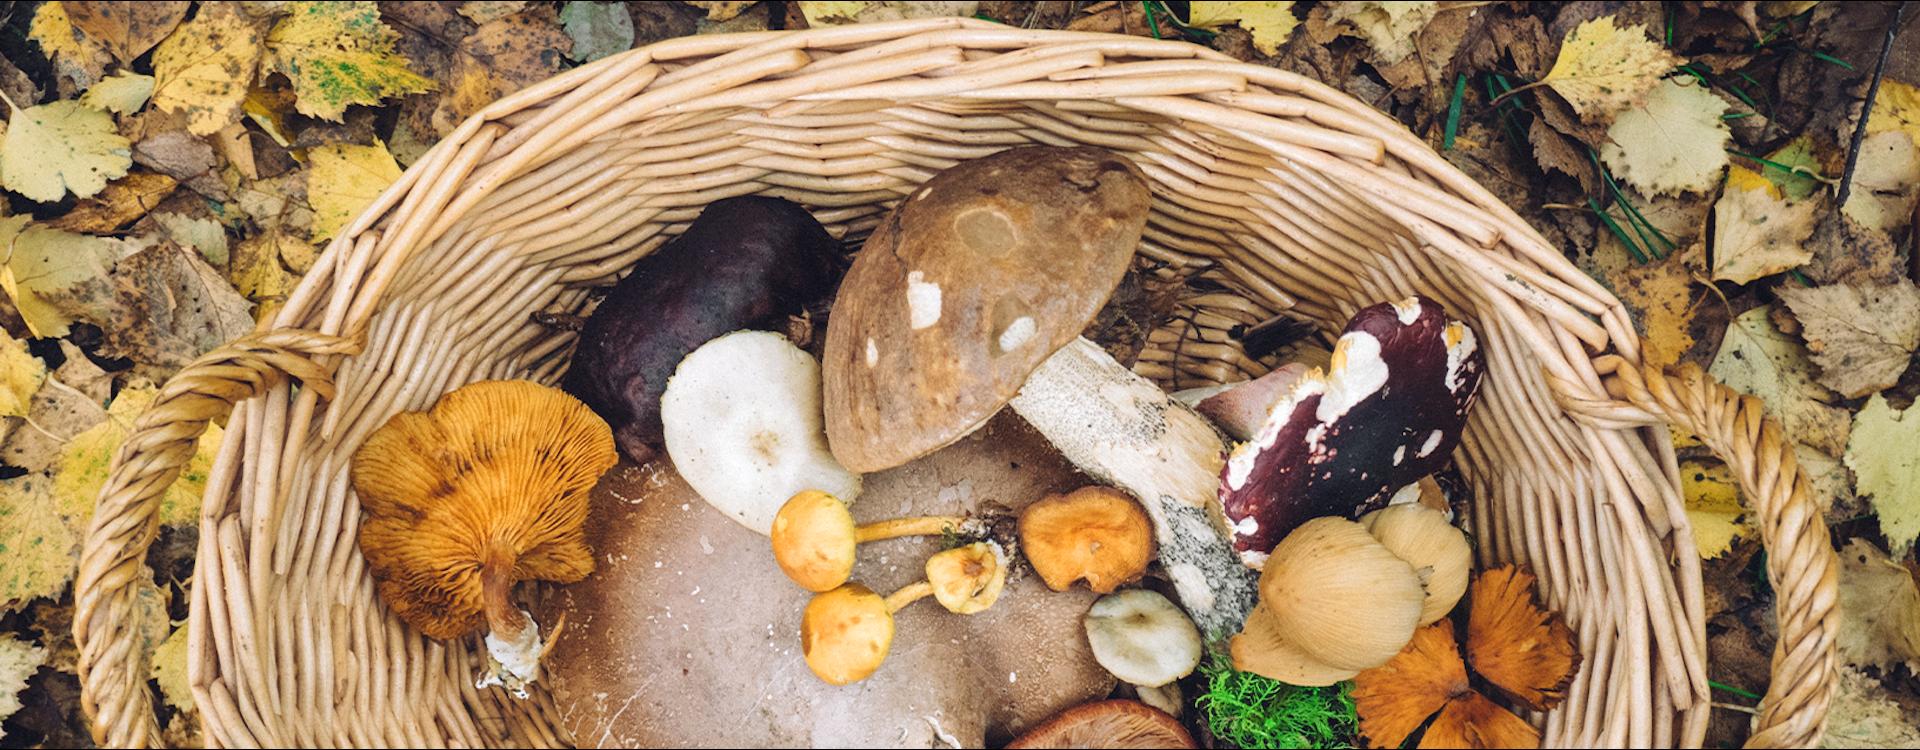 Wszystko na temat grzybobrania i suszenia grzybów